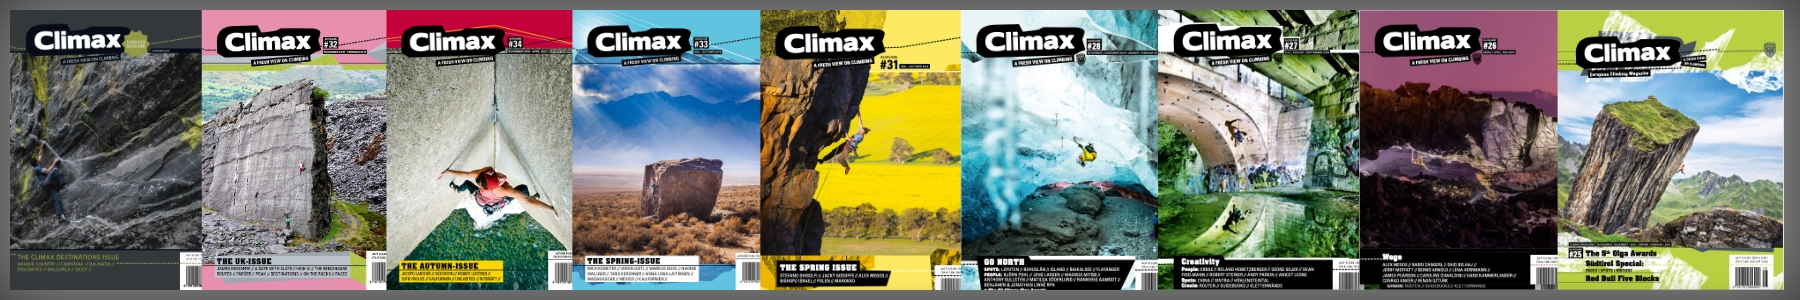 Climax Magazine Shop